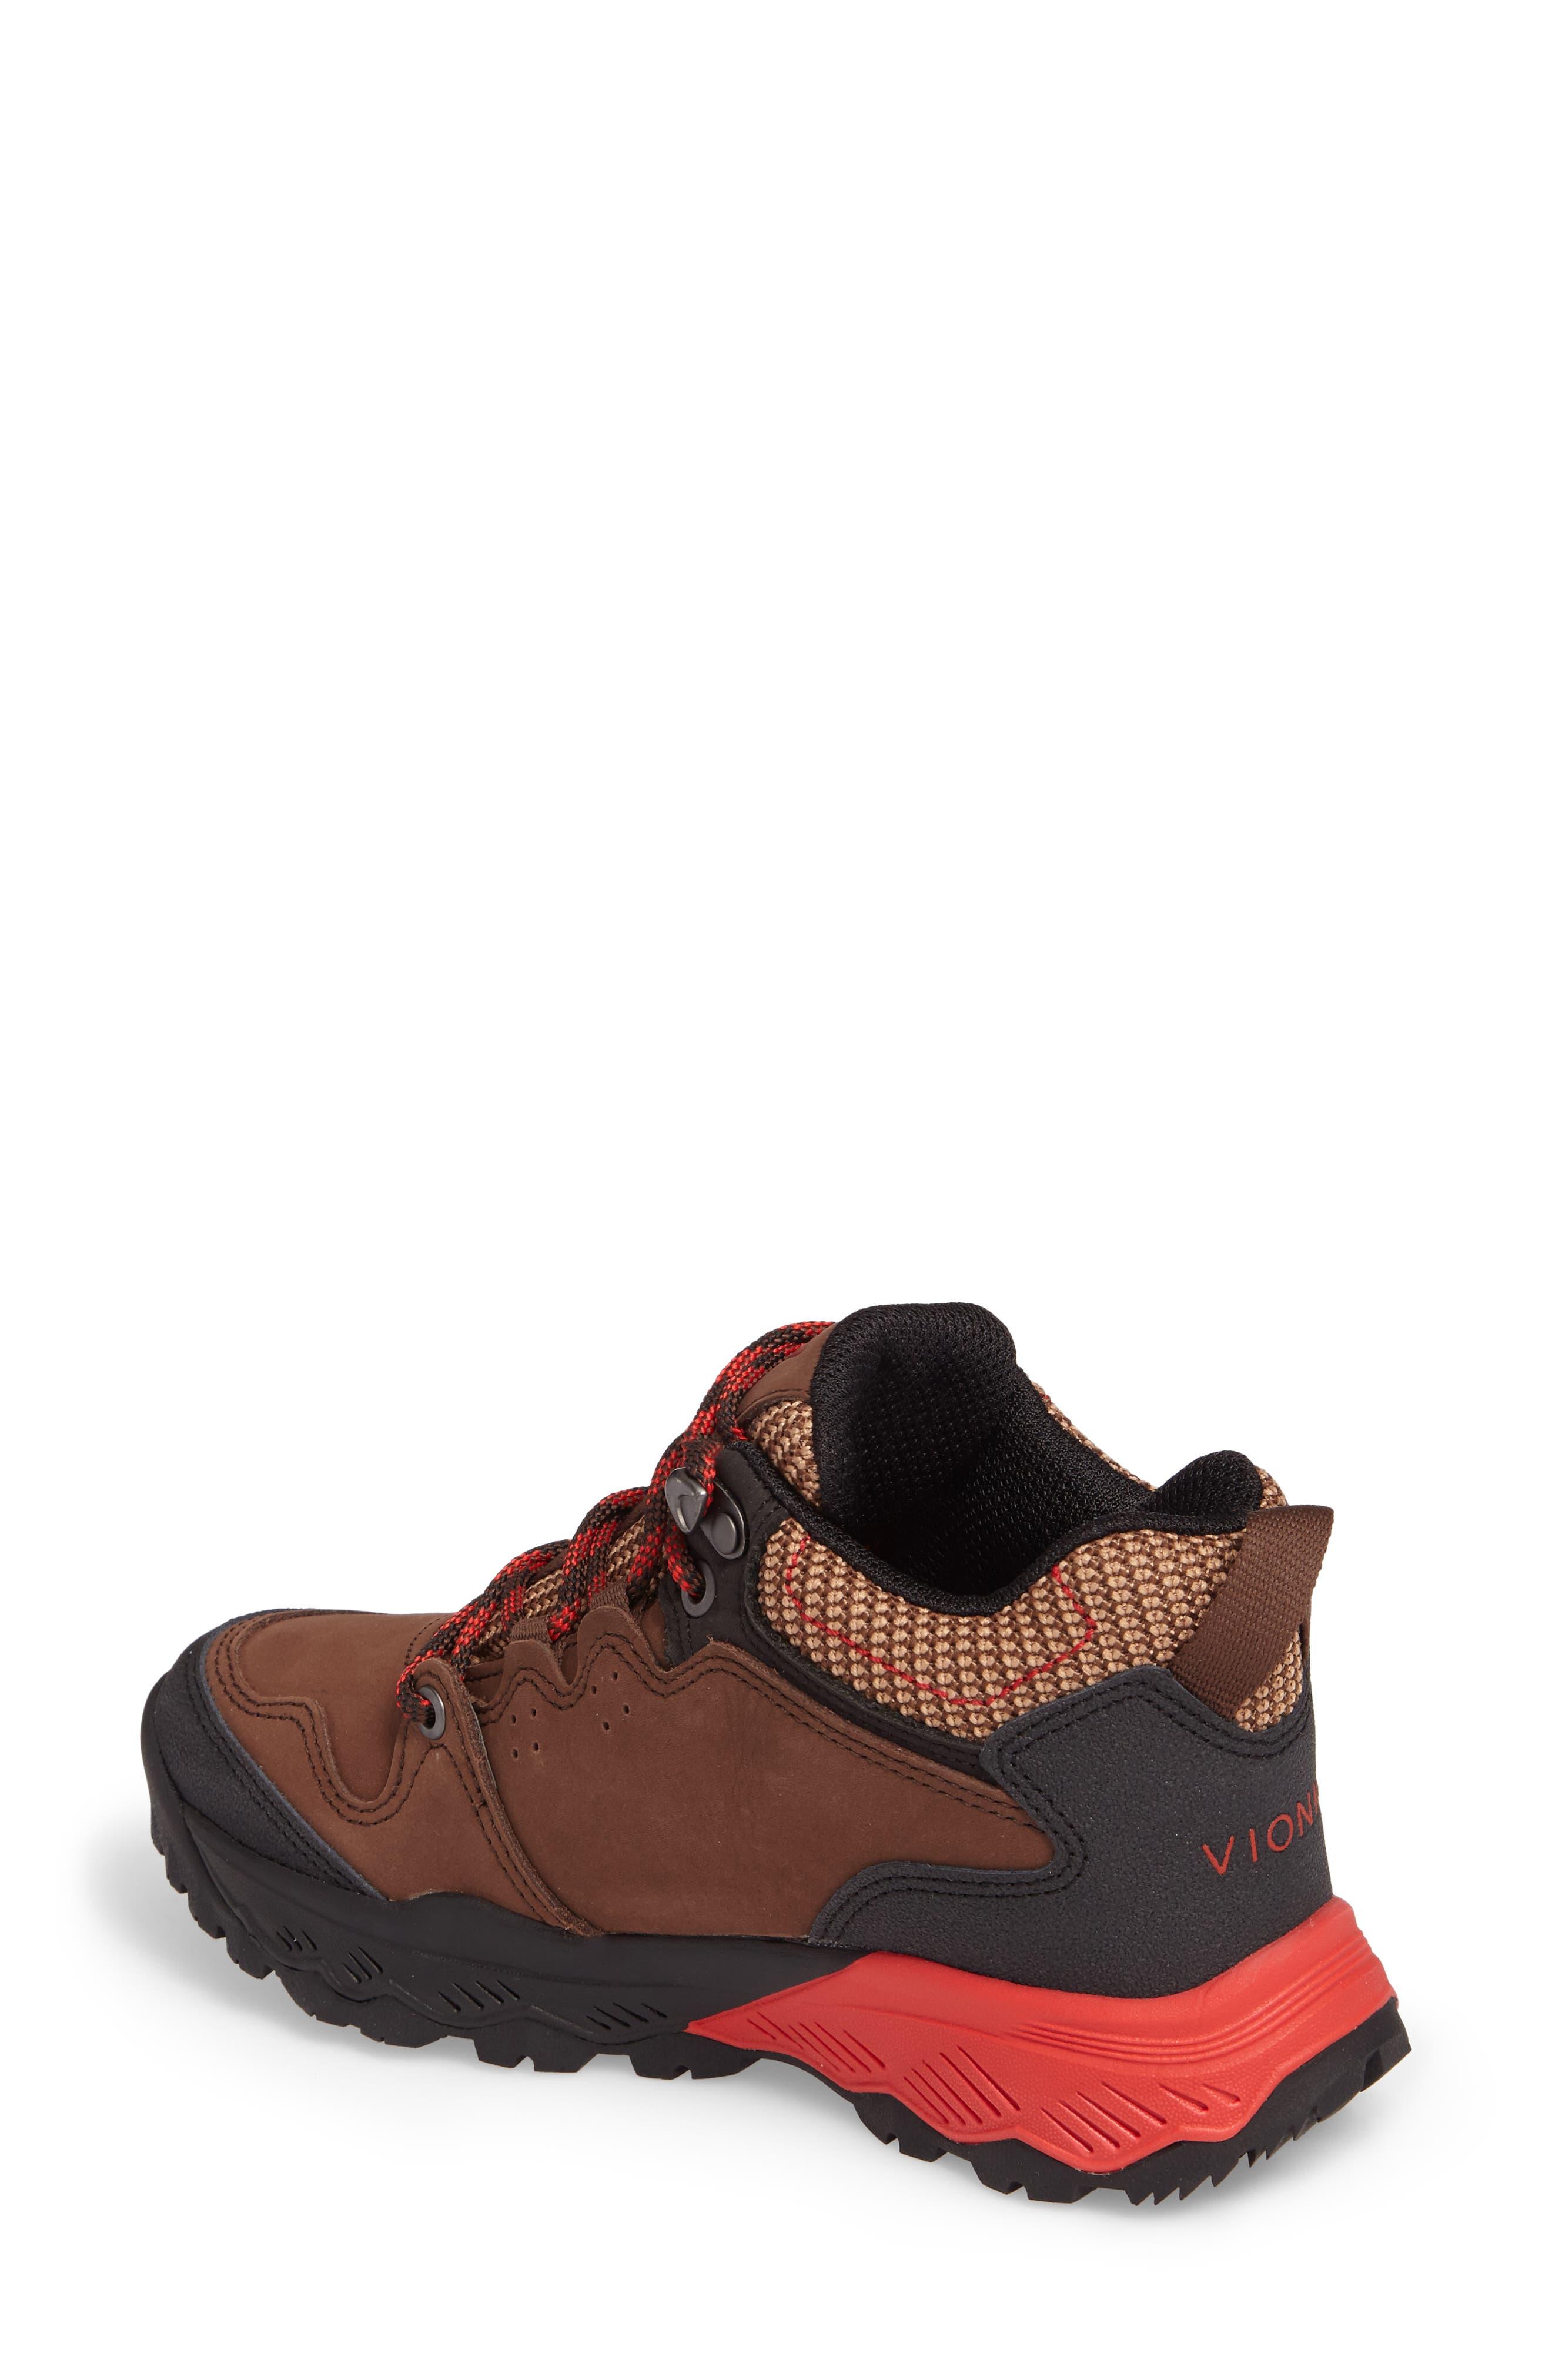 Everett Hiking Shoe,                             Alternate thumbnail 5, color,